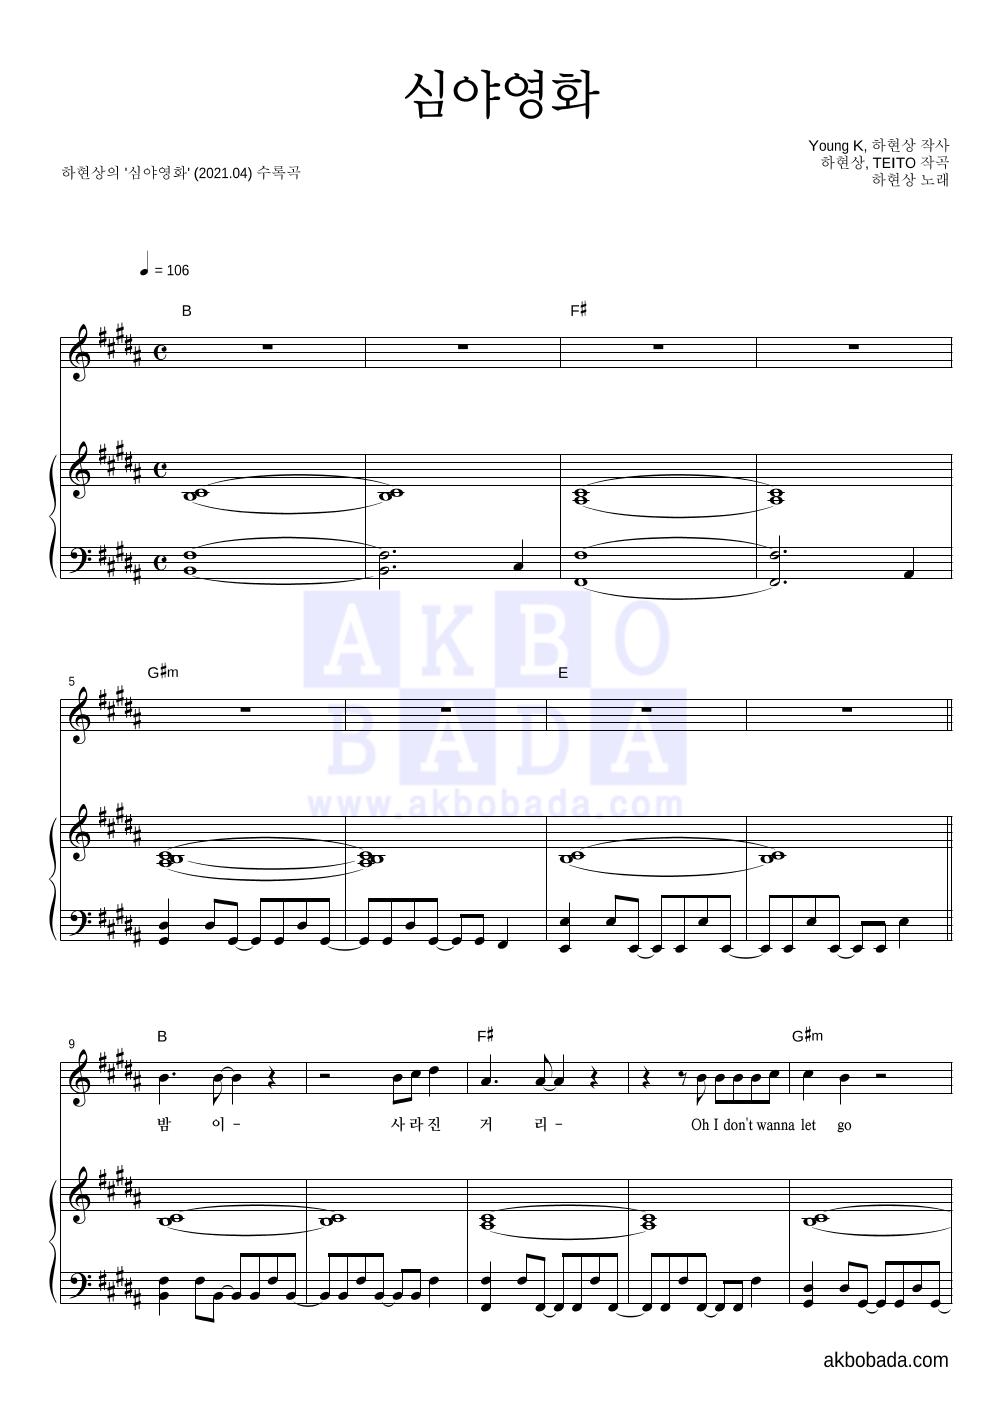 하현상 - 심야영화 피아노 3단 악보